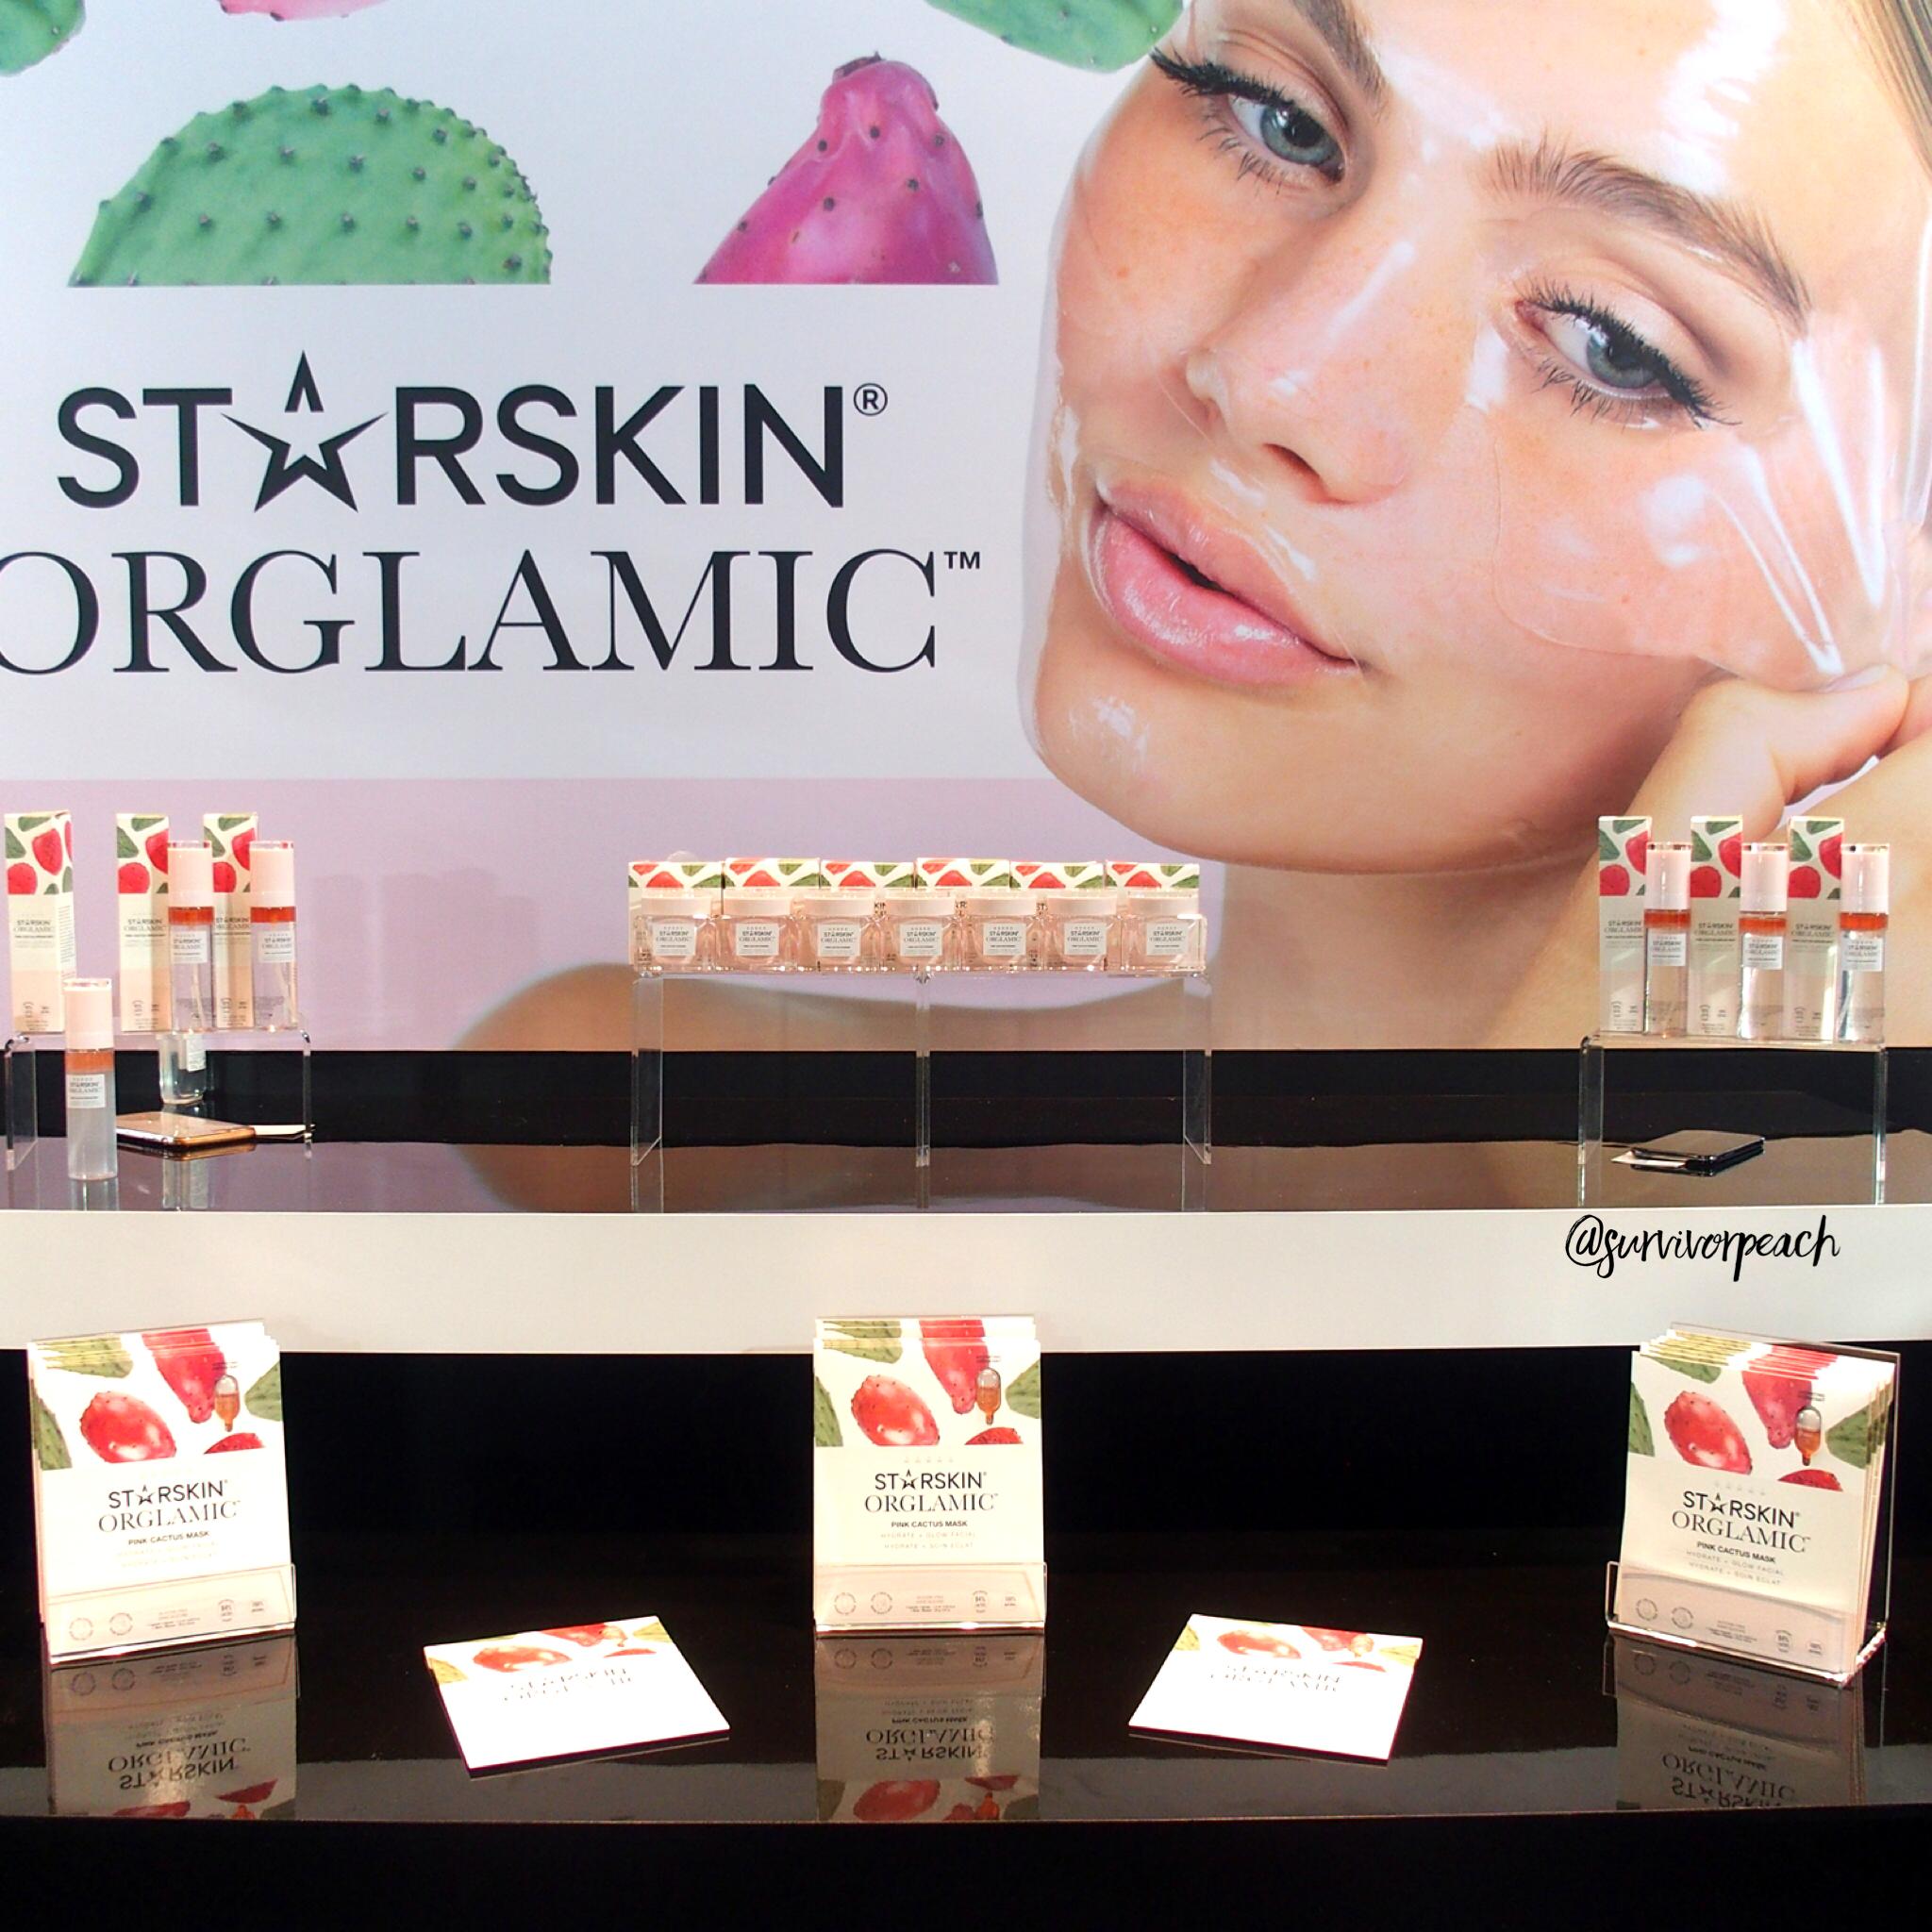 Starskin Orglamic skincare range